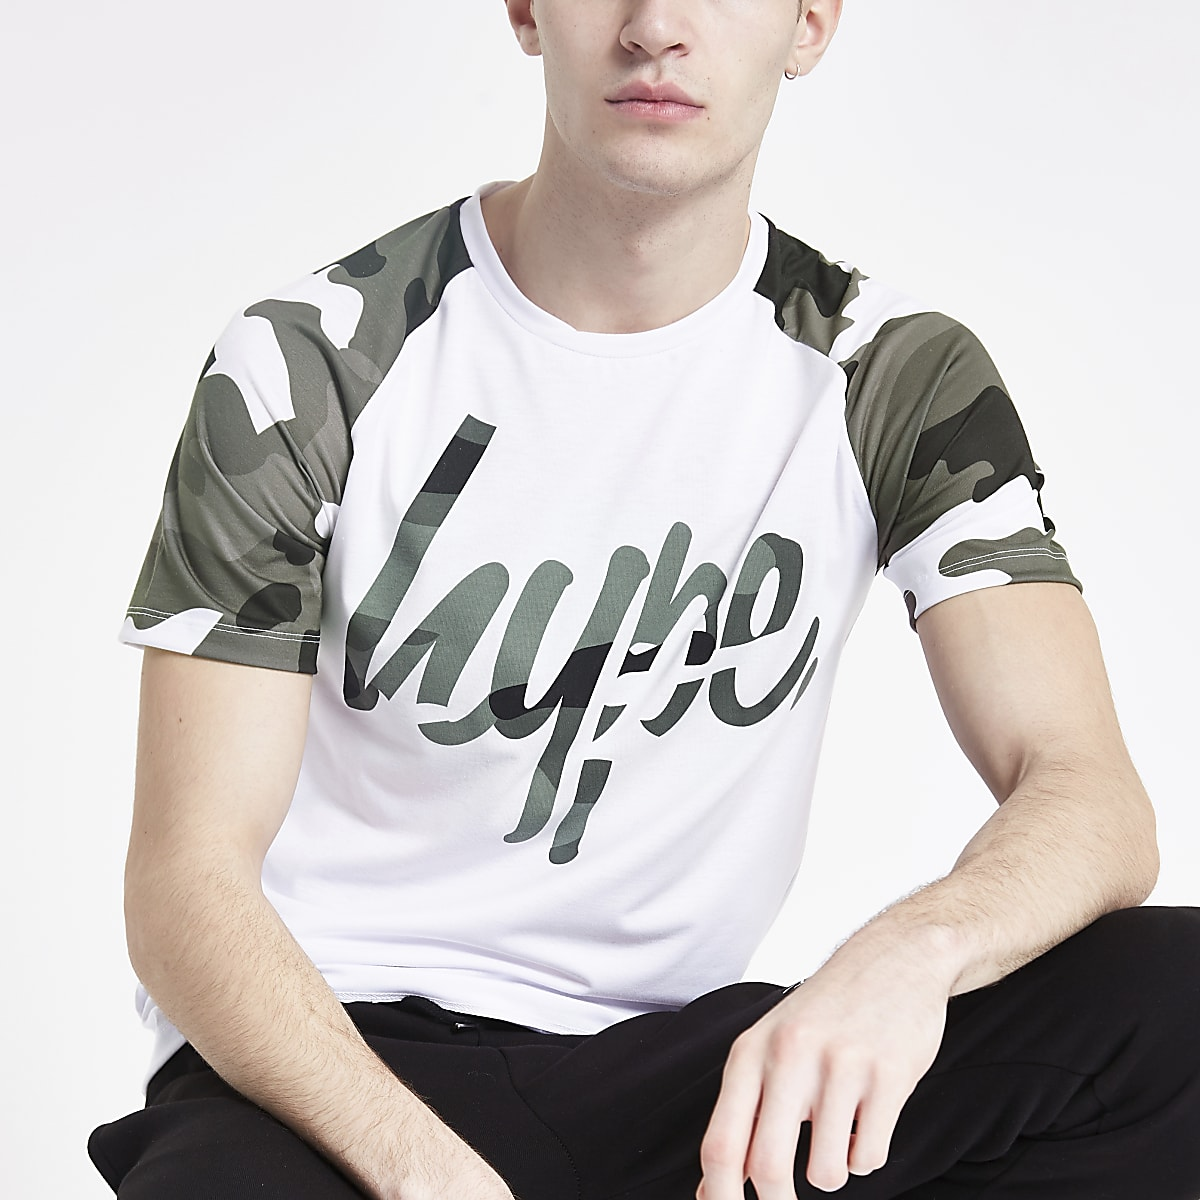 Hype white camo raglan print T-shirt